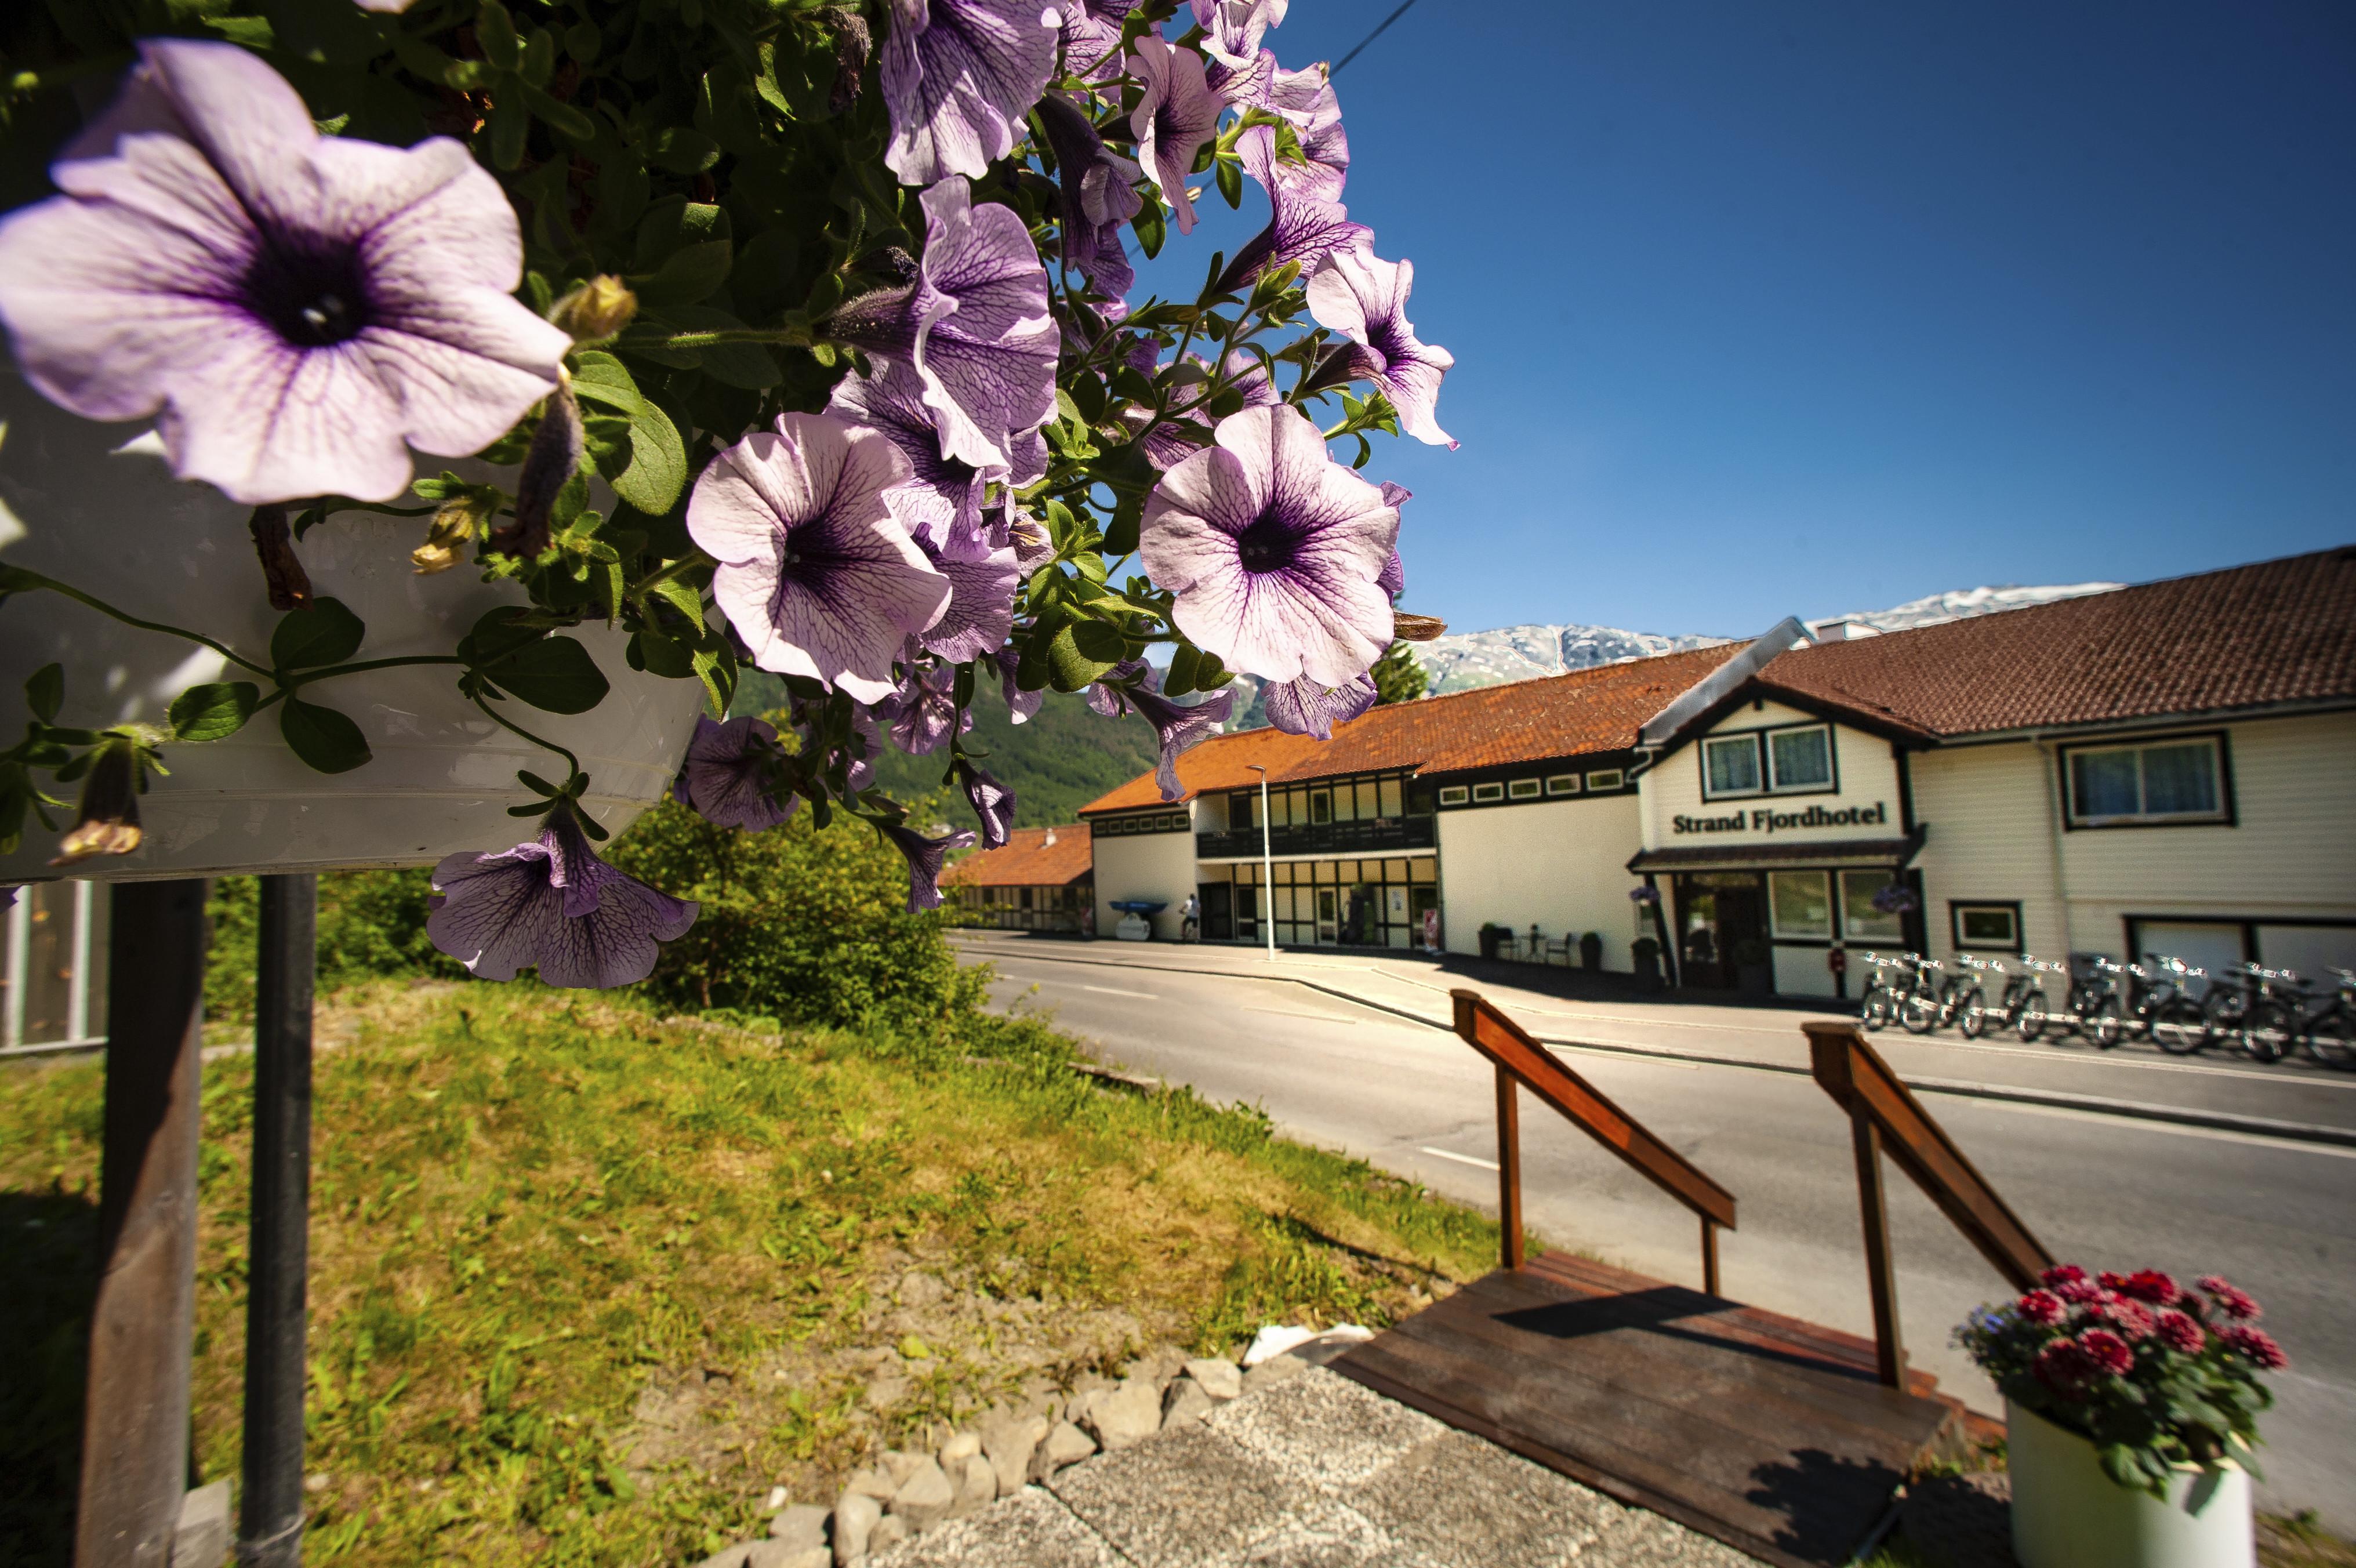 strandfjordhotell_22_6Ba6C